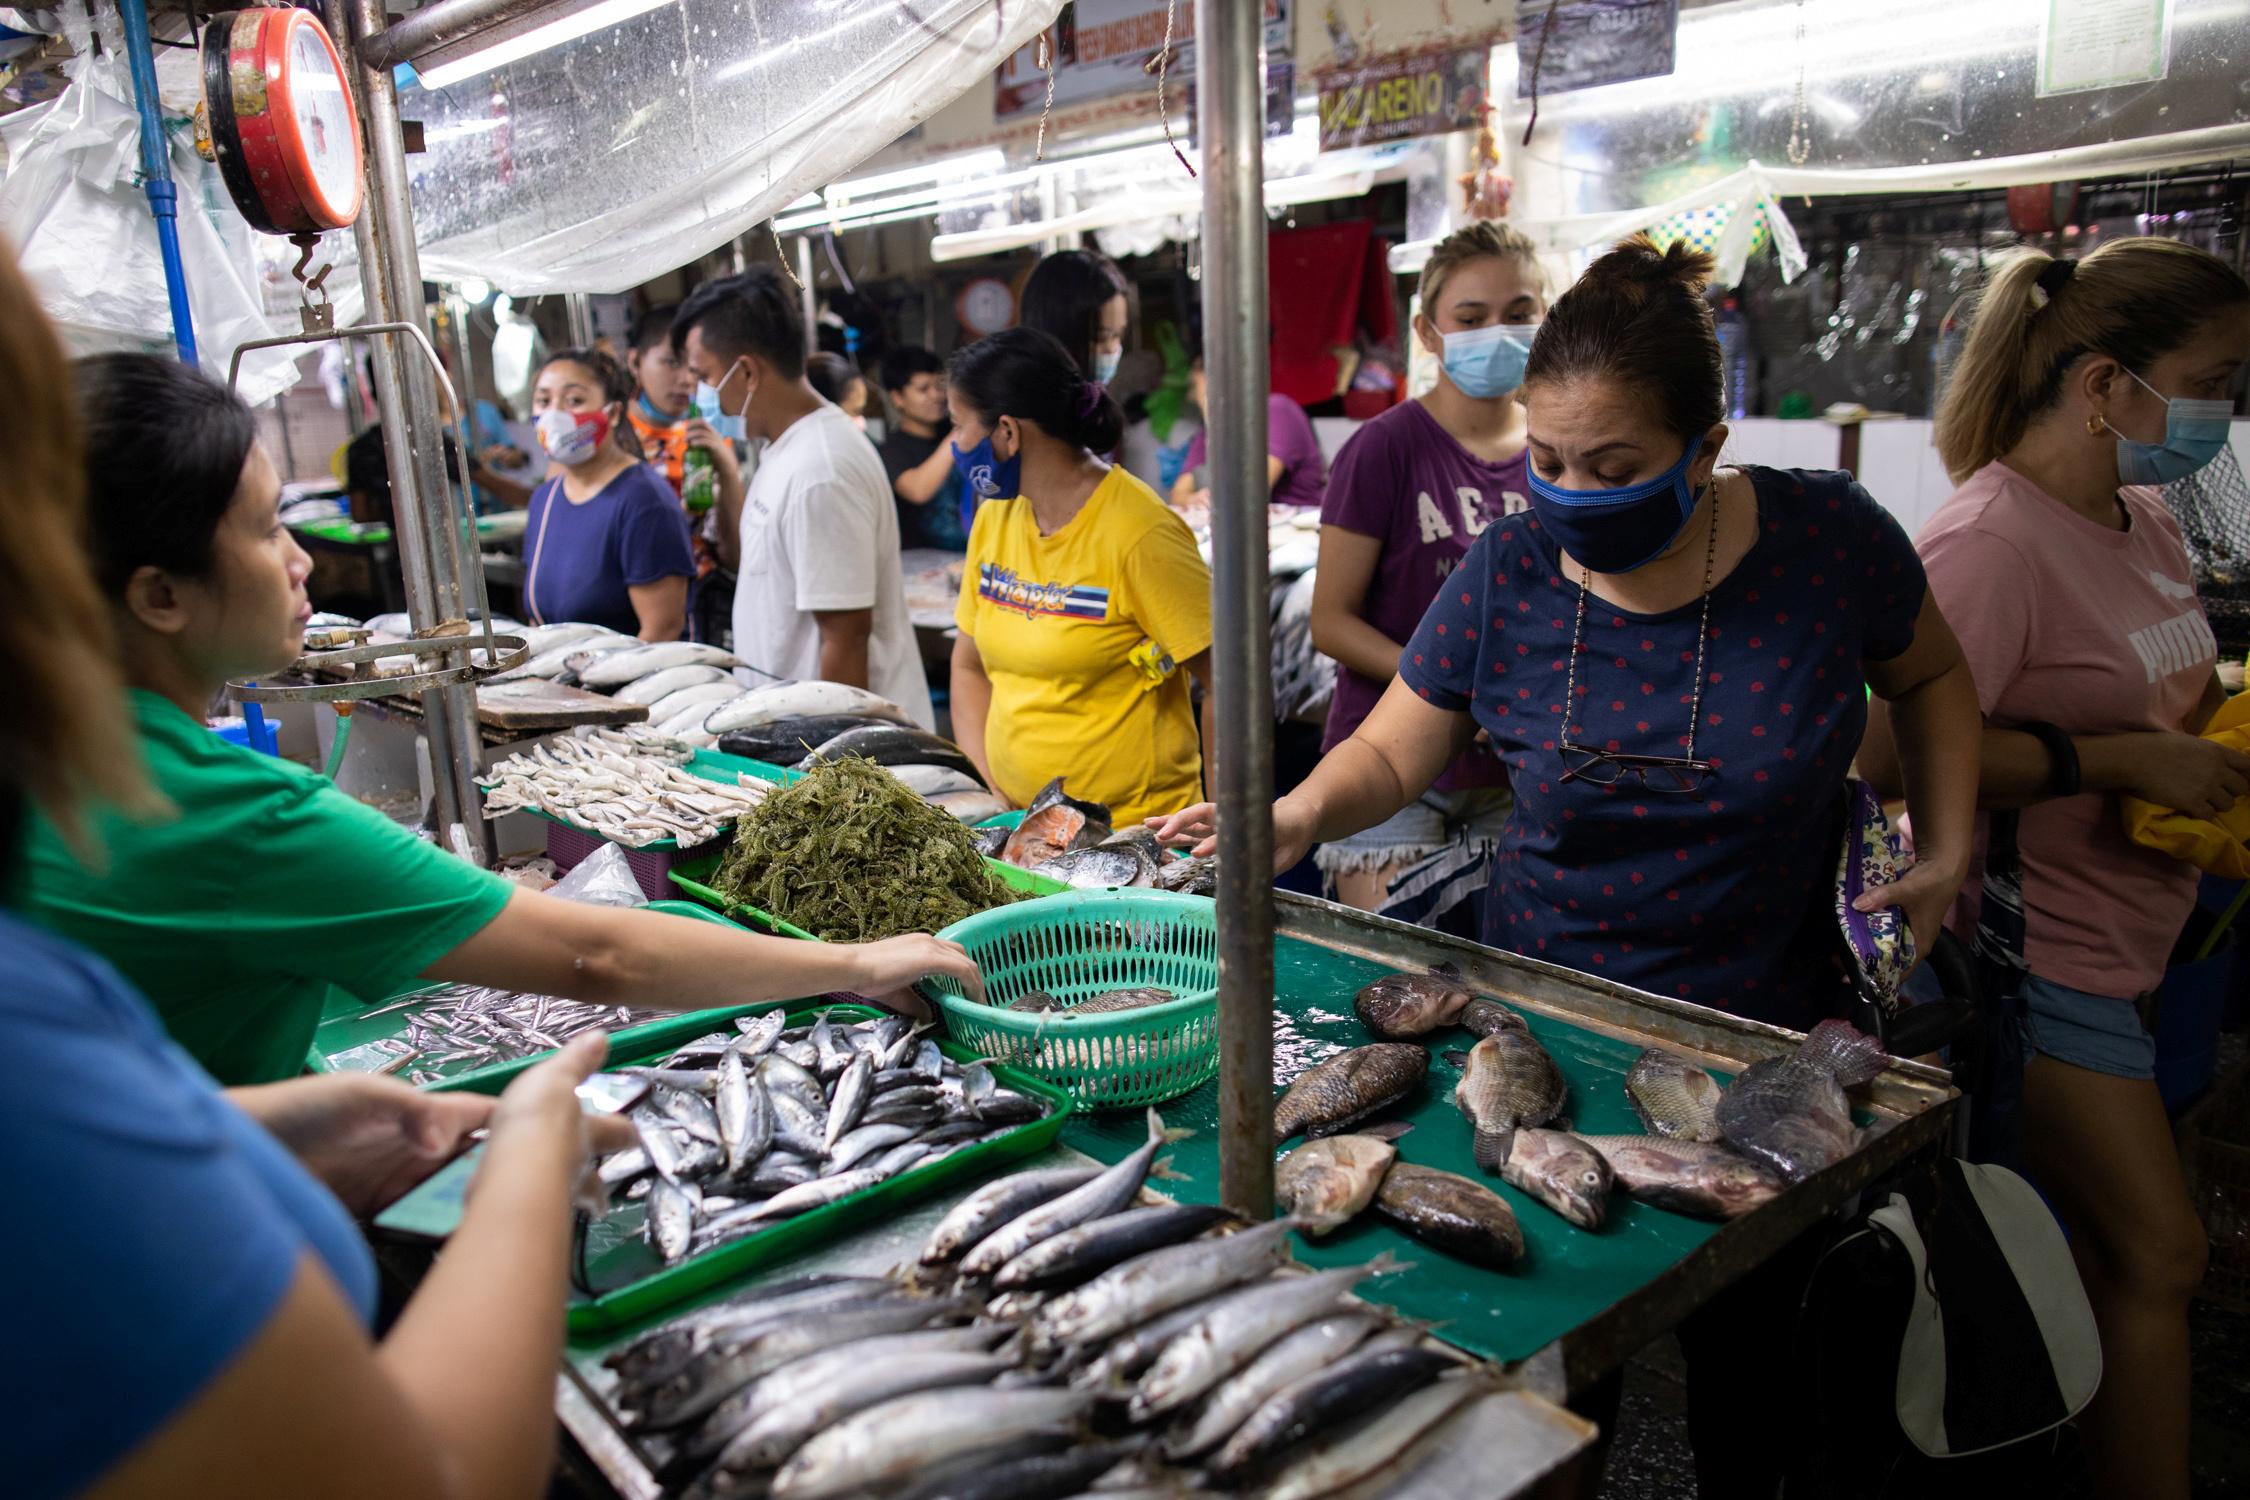 Νέος συναγερμός με τον κορονοϊό – Βρέθηκαν ίχνη του σε συσκευασίες κατεψυγμένων θαλασσινών στην Κίνα